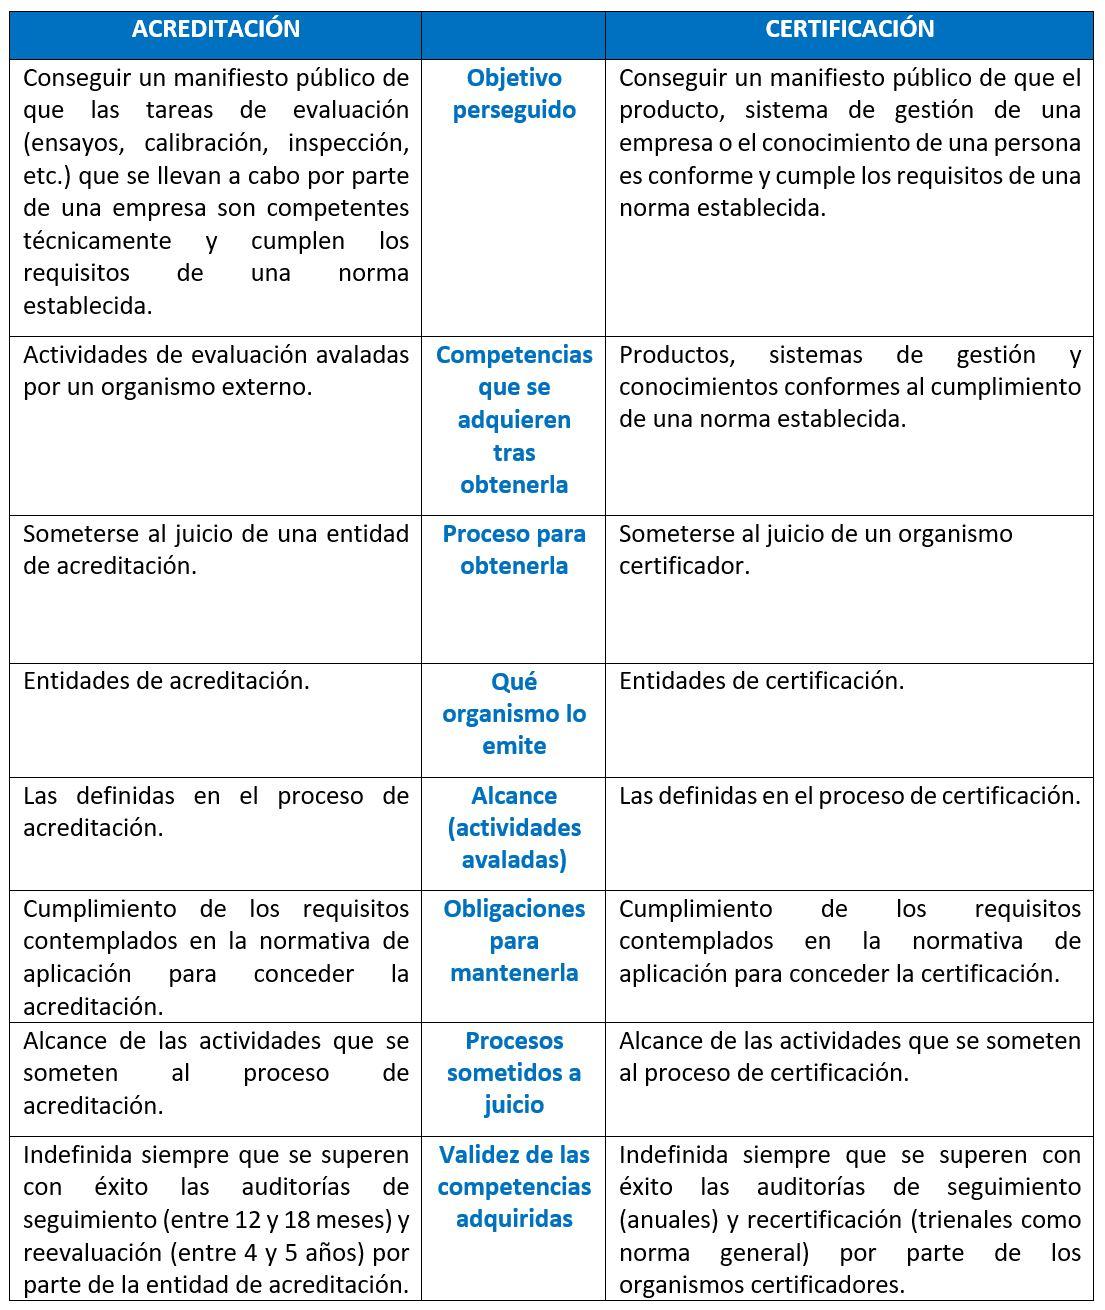 Tabla comparativa diferencia entre certificacion y acreditacion